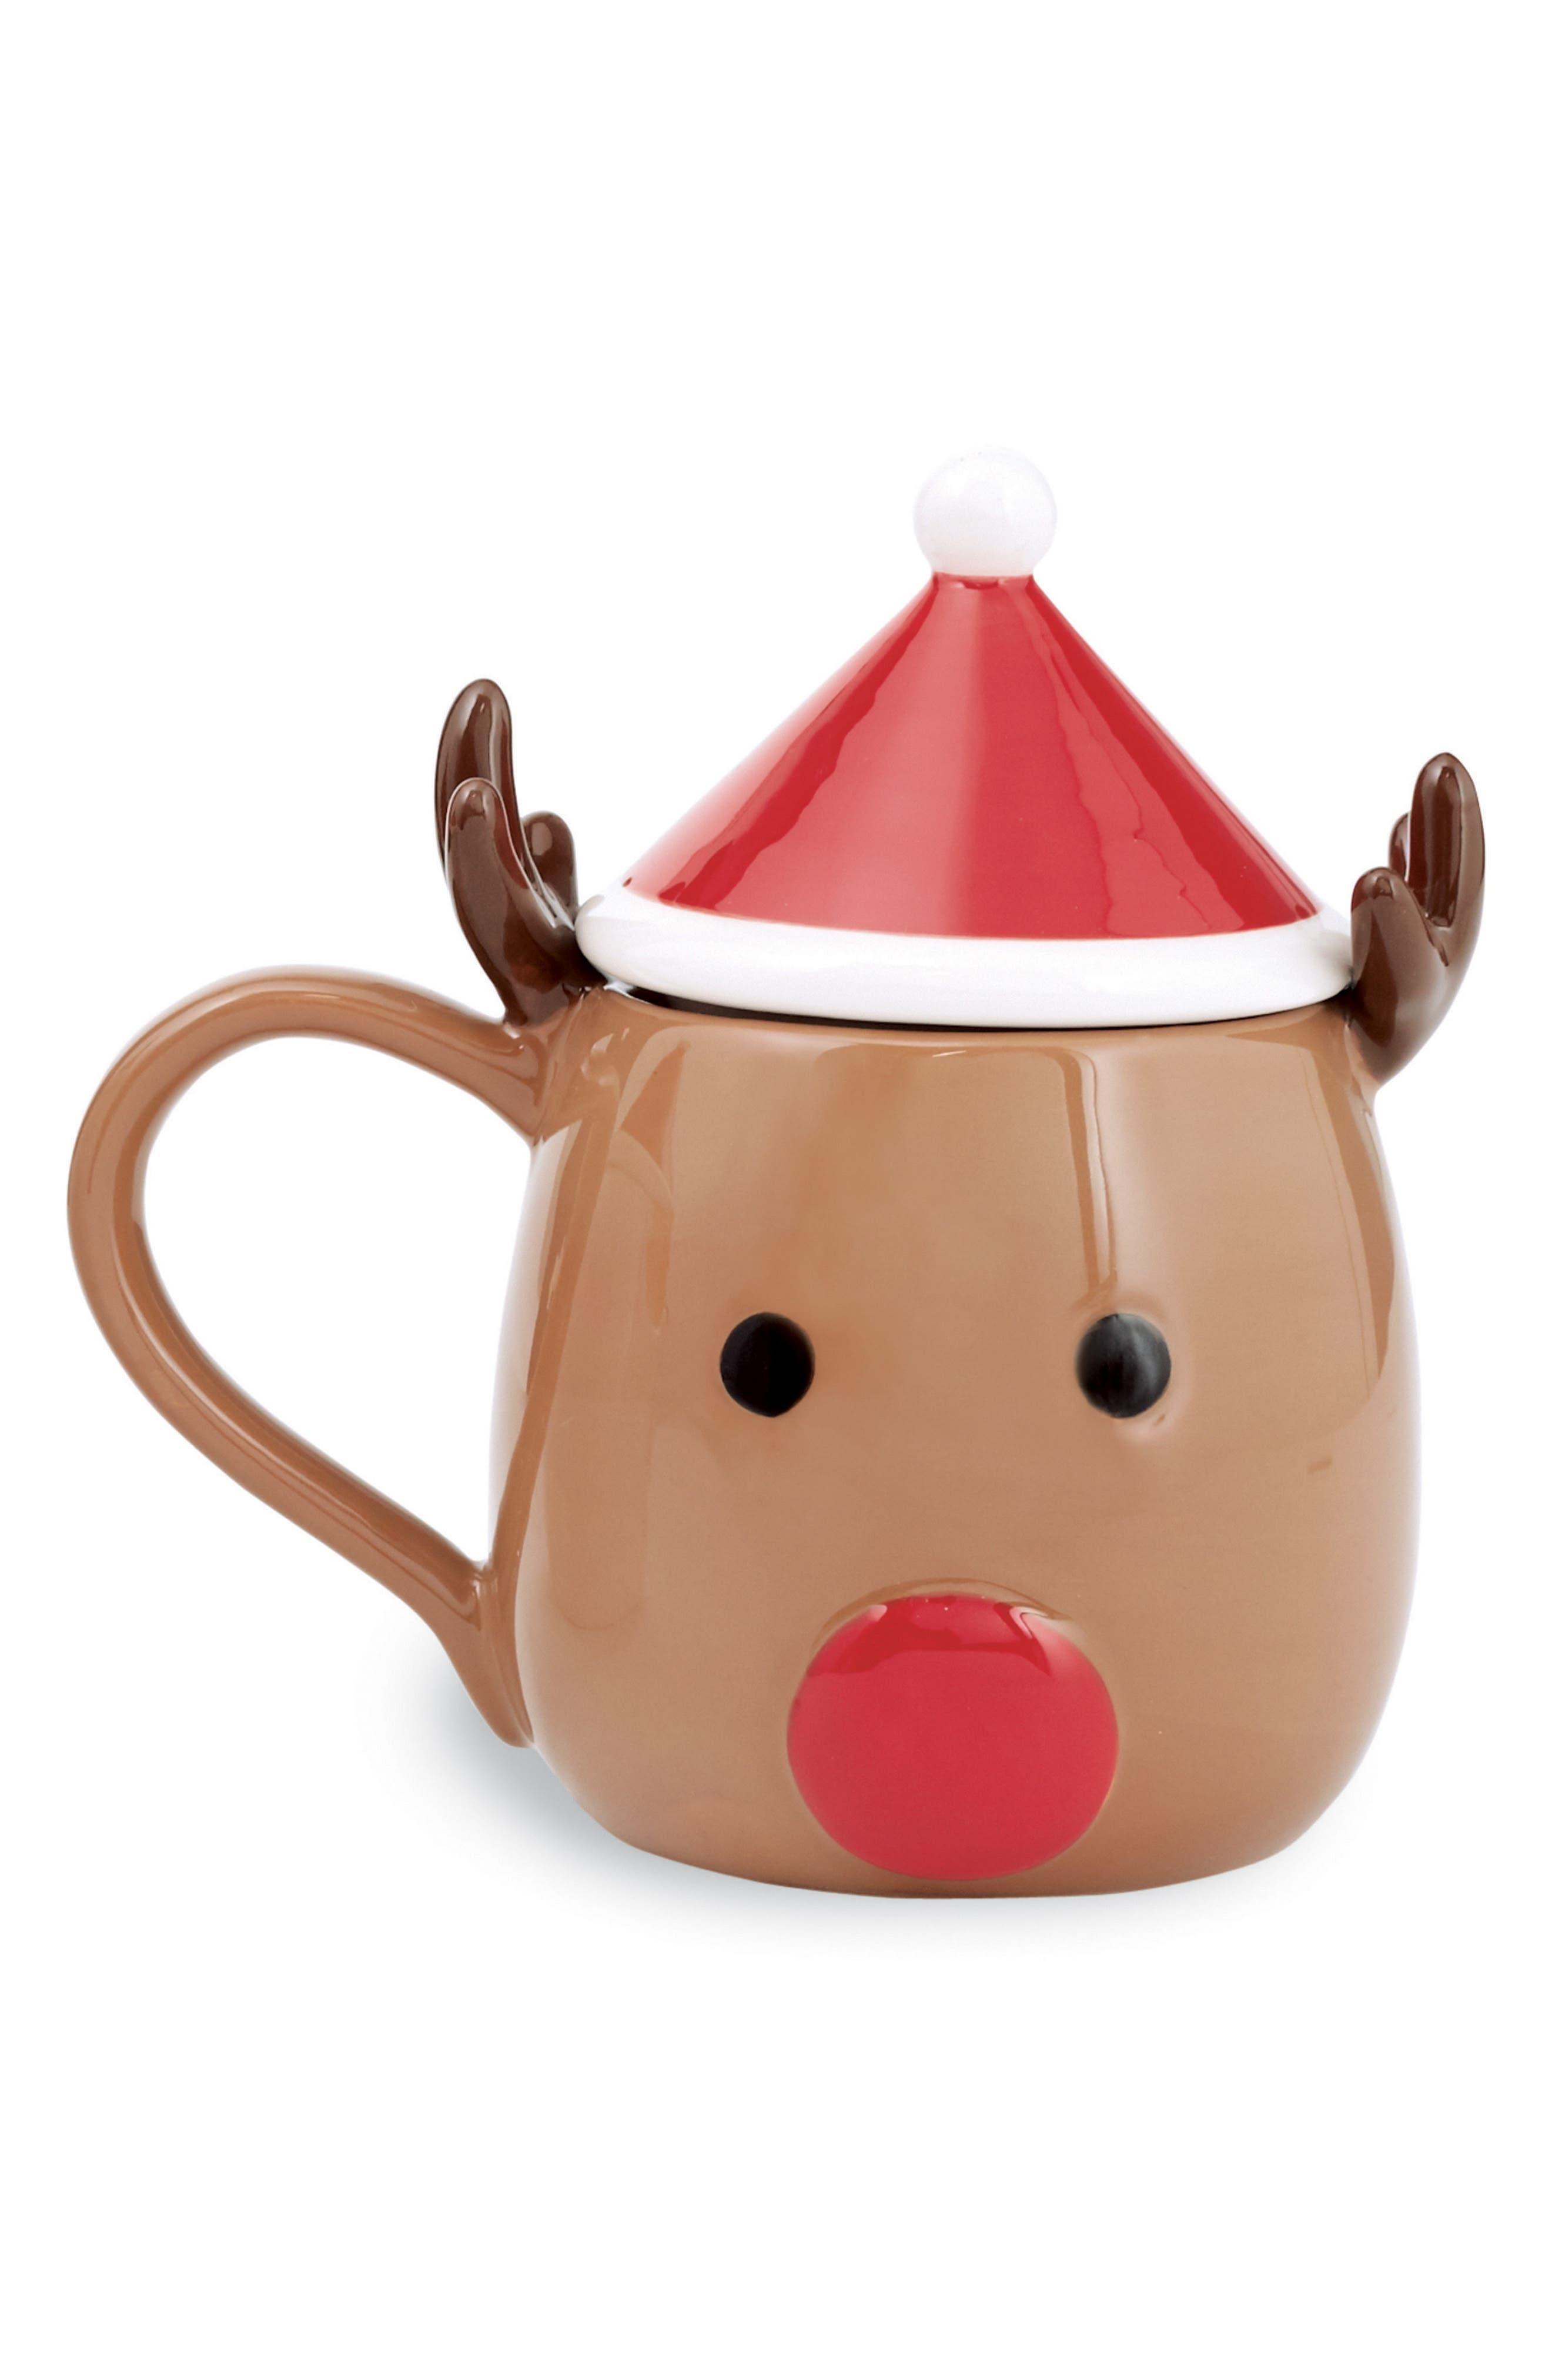 Reindeer Ceramic Mug & Lid,                             Main thumbnail 1, color,                             200